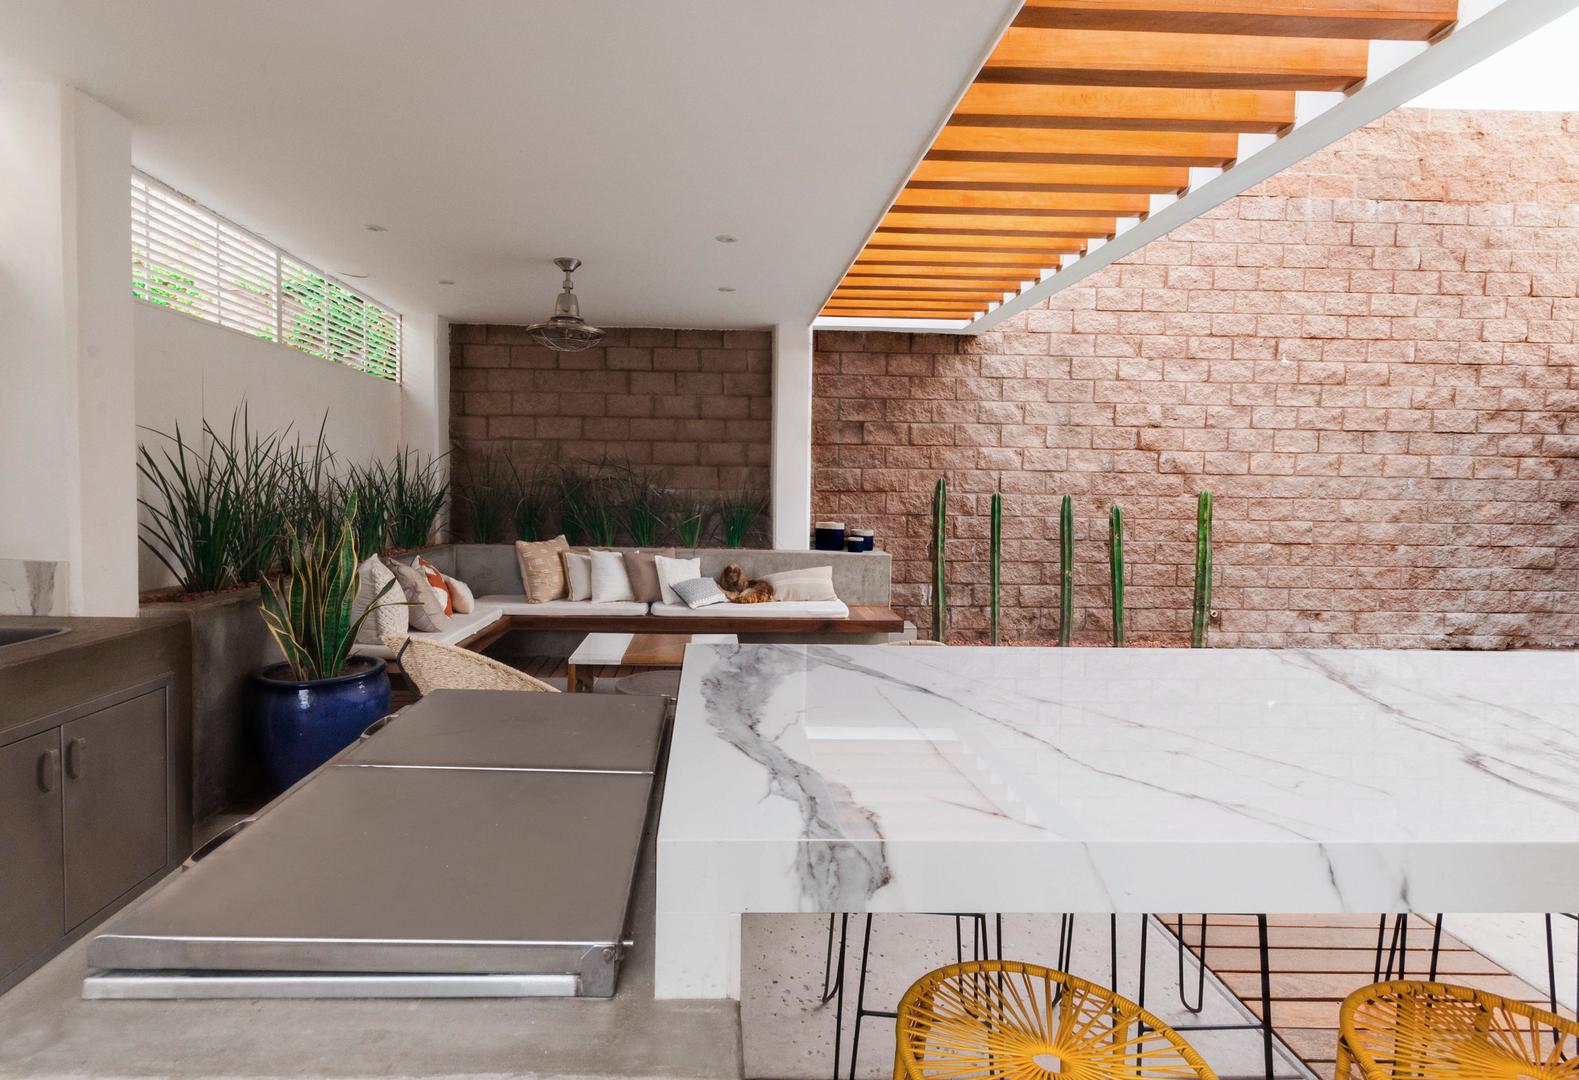 residencial-hermosillo-mara-6